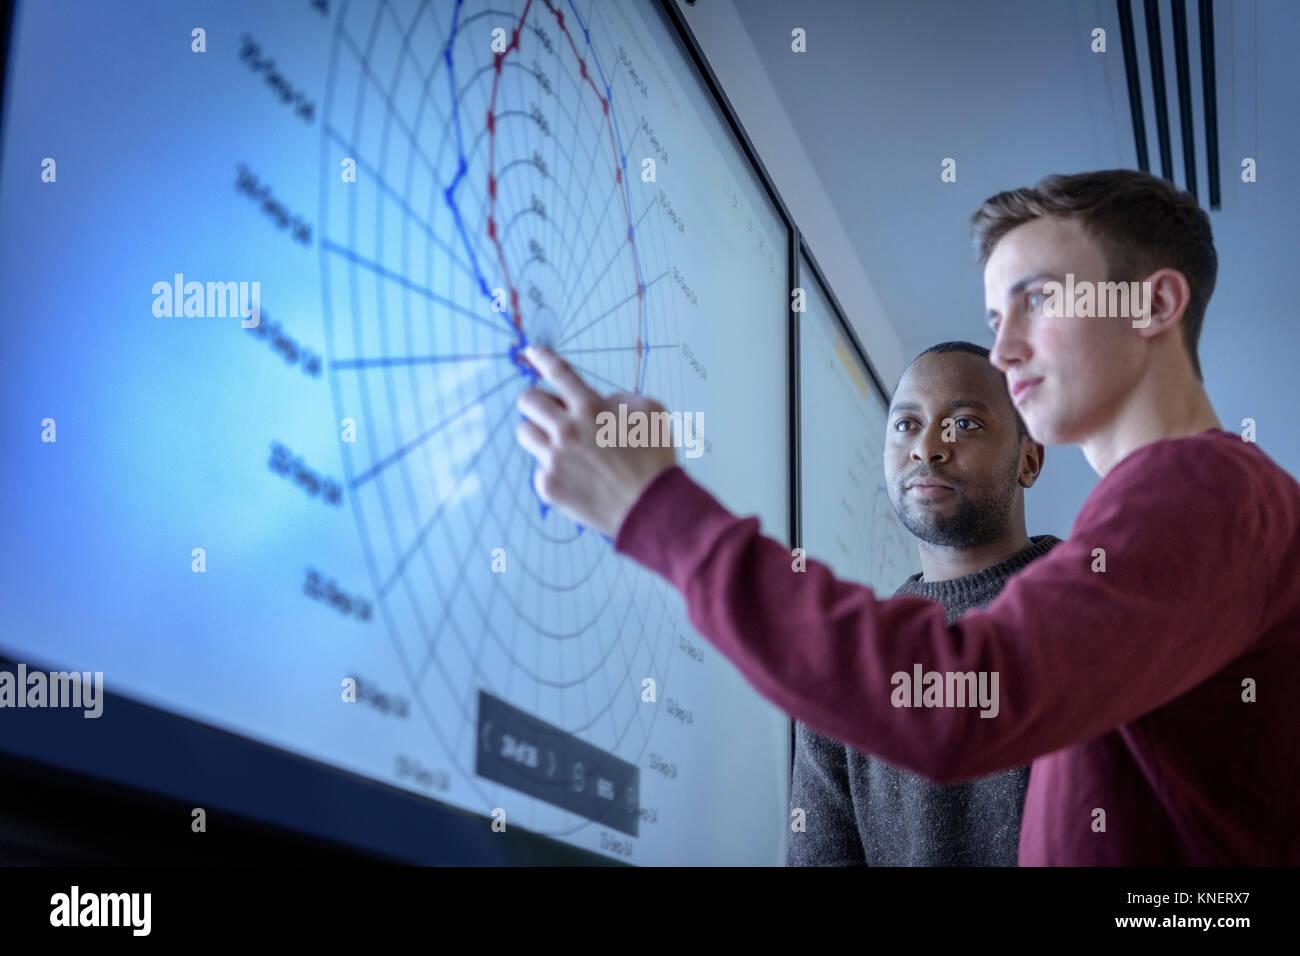 Lehrer und Auszubildende Studium grafische Darstellung auf dem Bildschirm für Railway Engineering Facility Stockbild